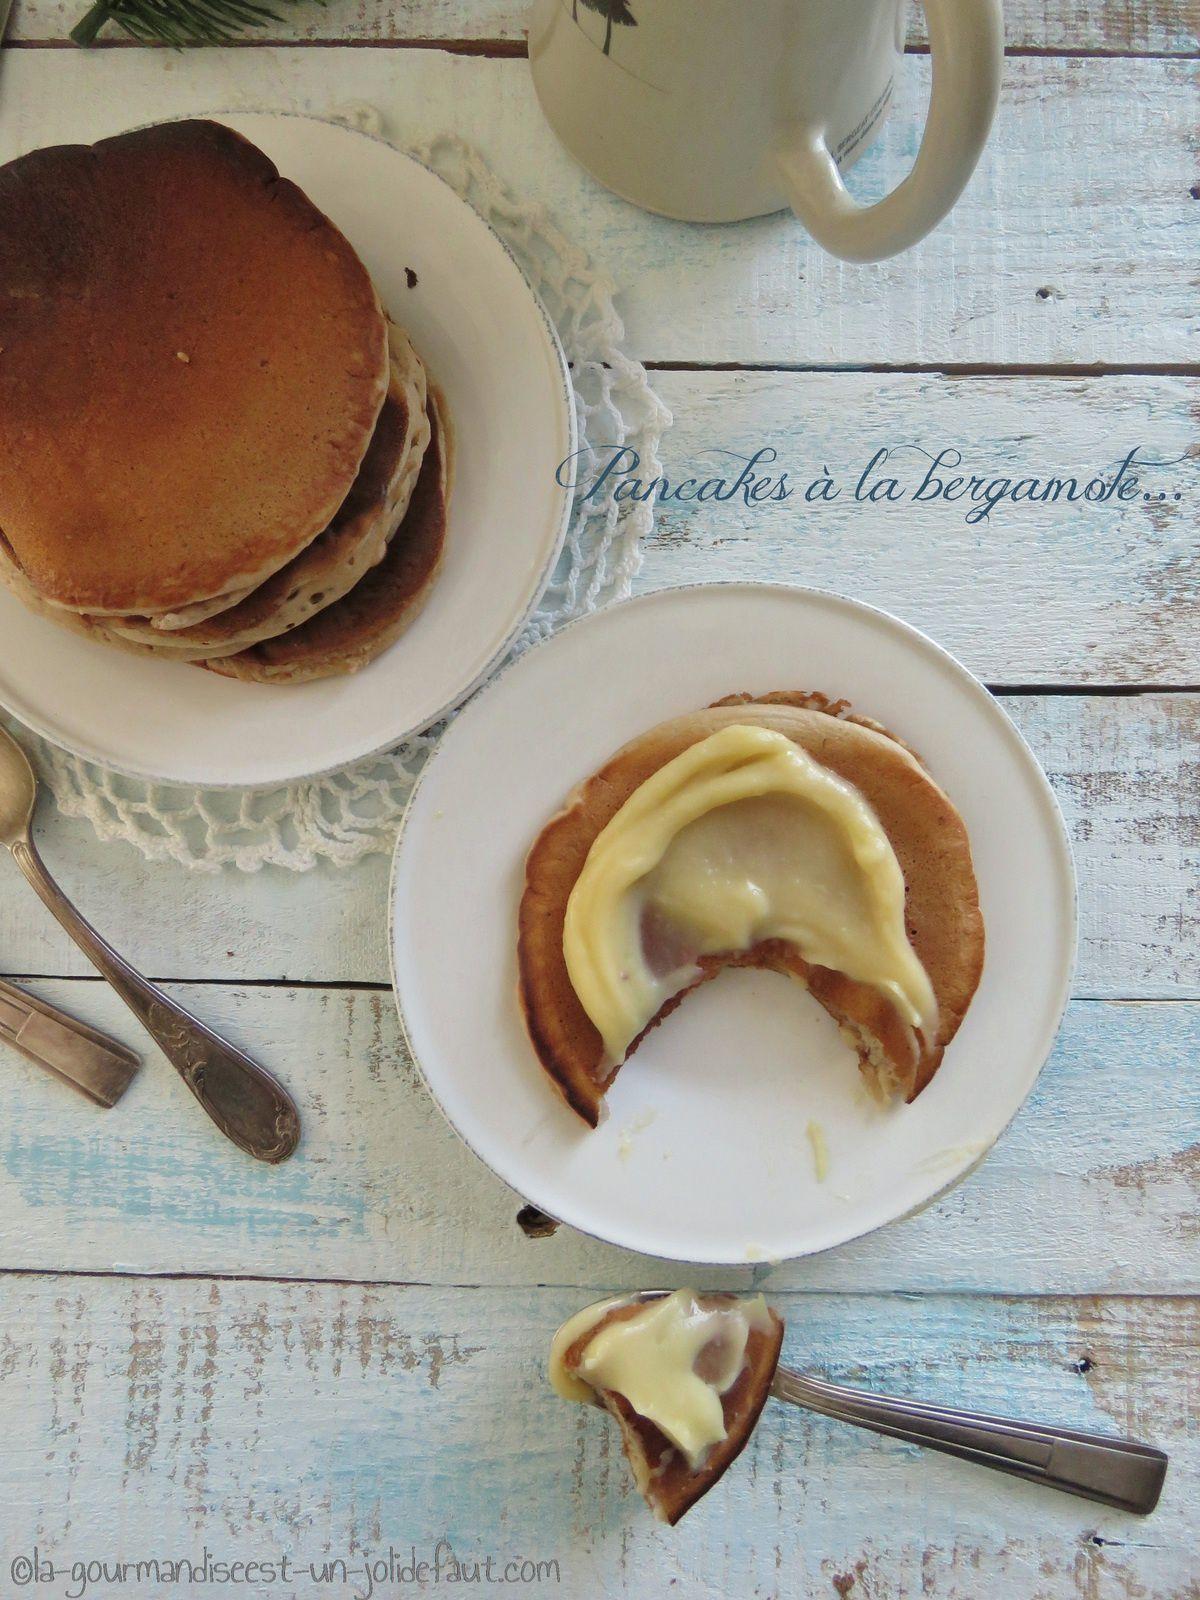 Pancakes à la bergamote